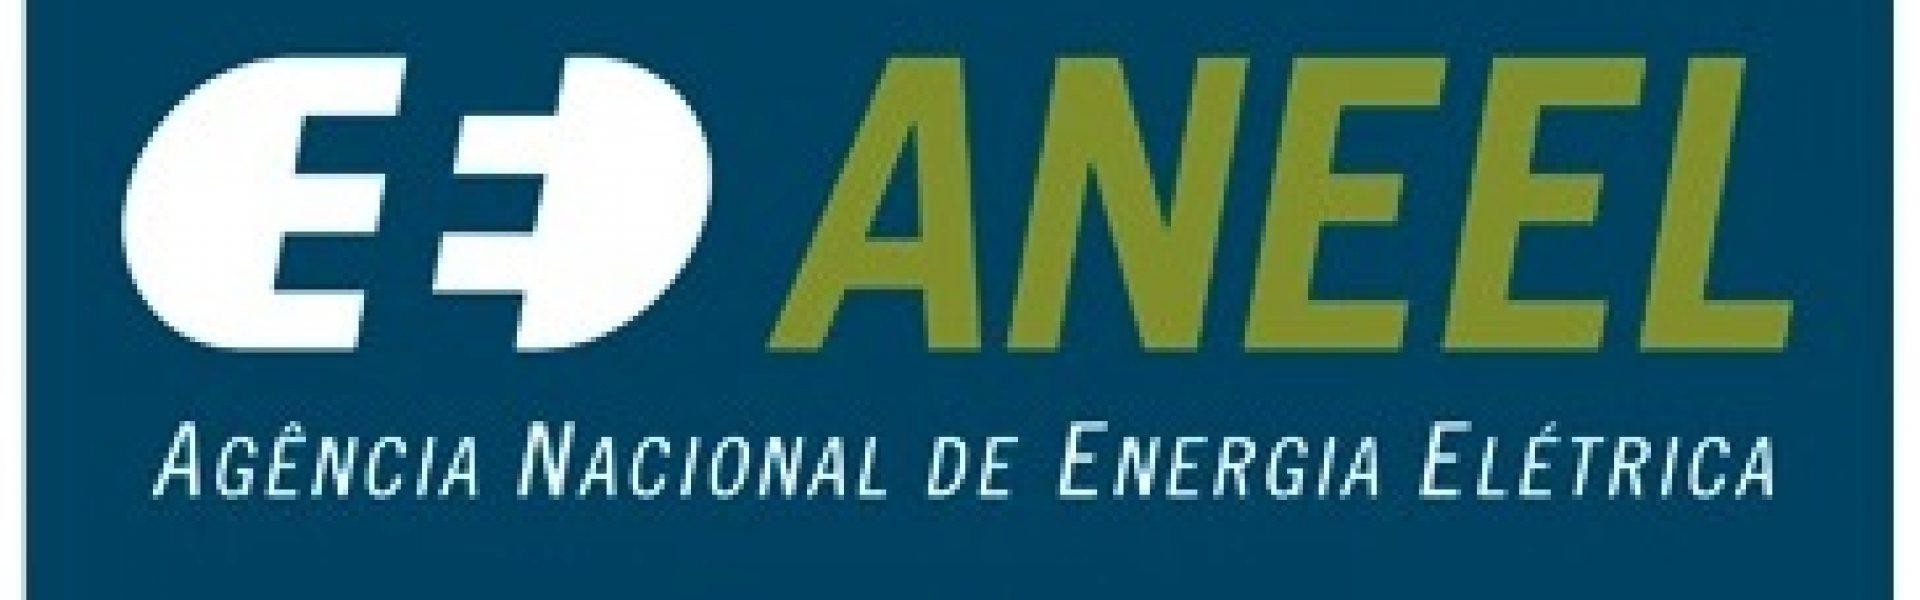 logo_ANEEL_fnd_Azul-Cópia